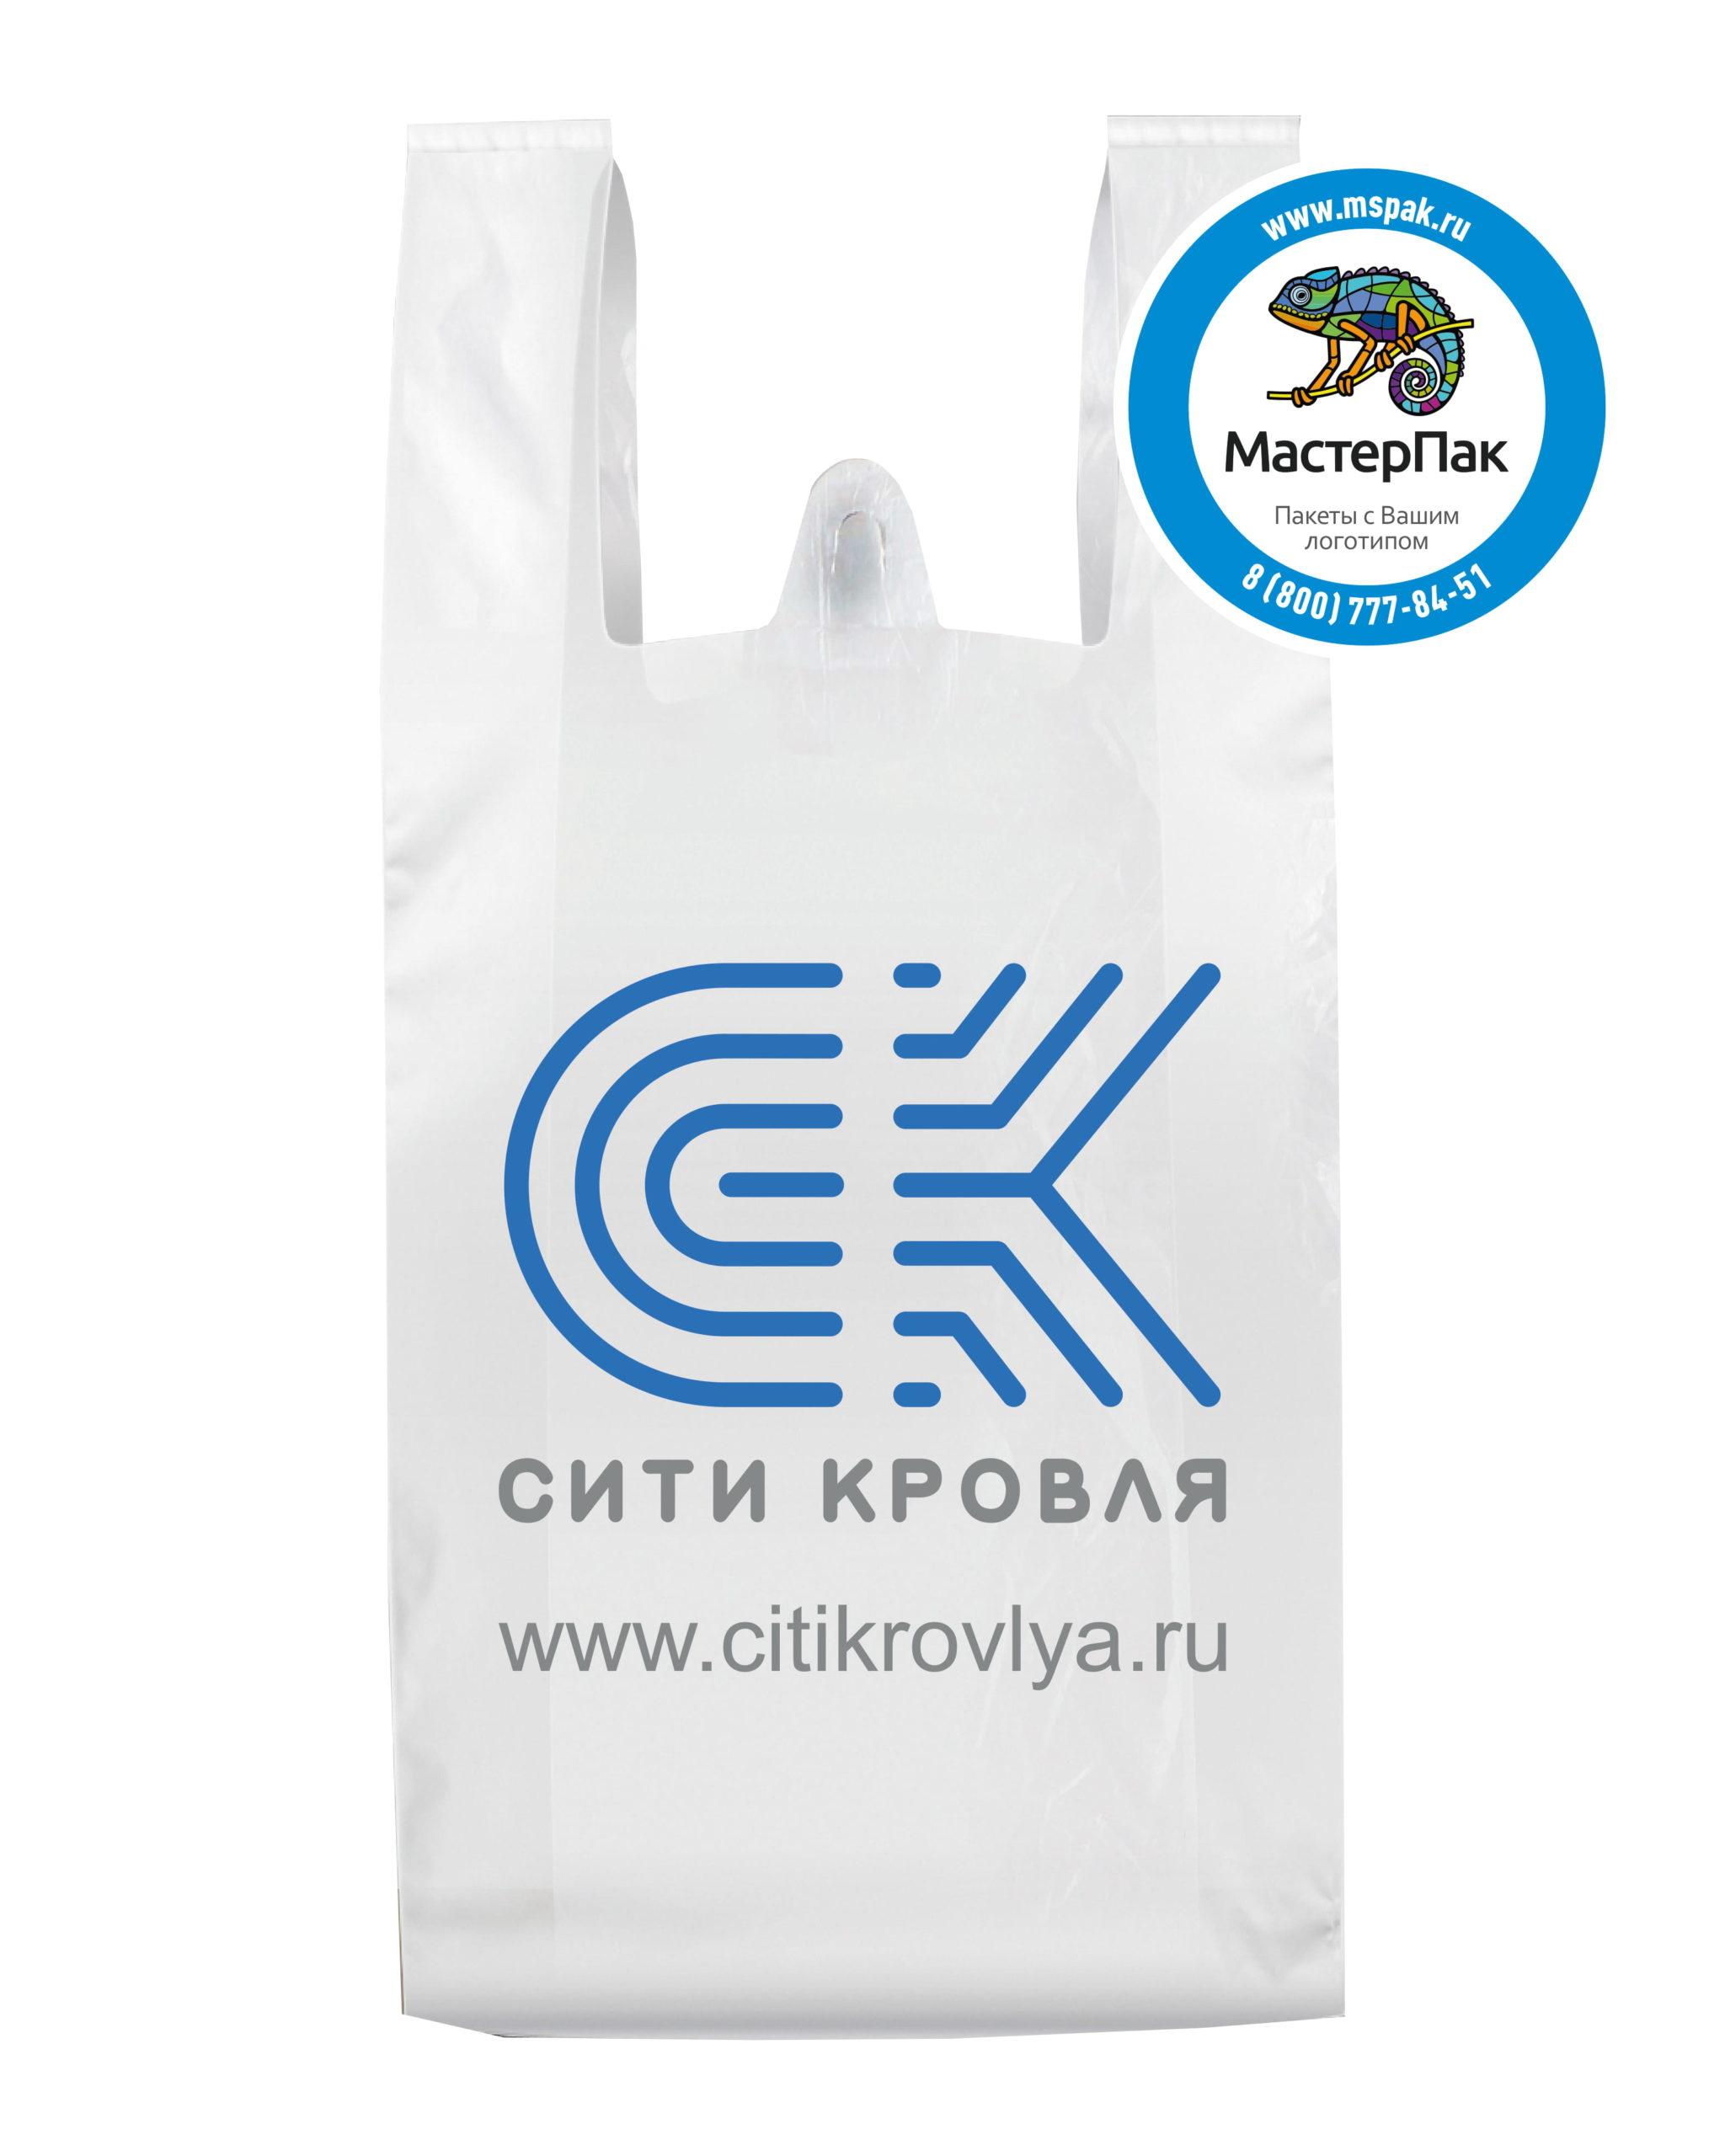 """Пакет-майка ПНД с логотипом """"Сити Кровля"""" (флексопечать, 23 мкм, 45*60)"""